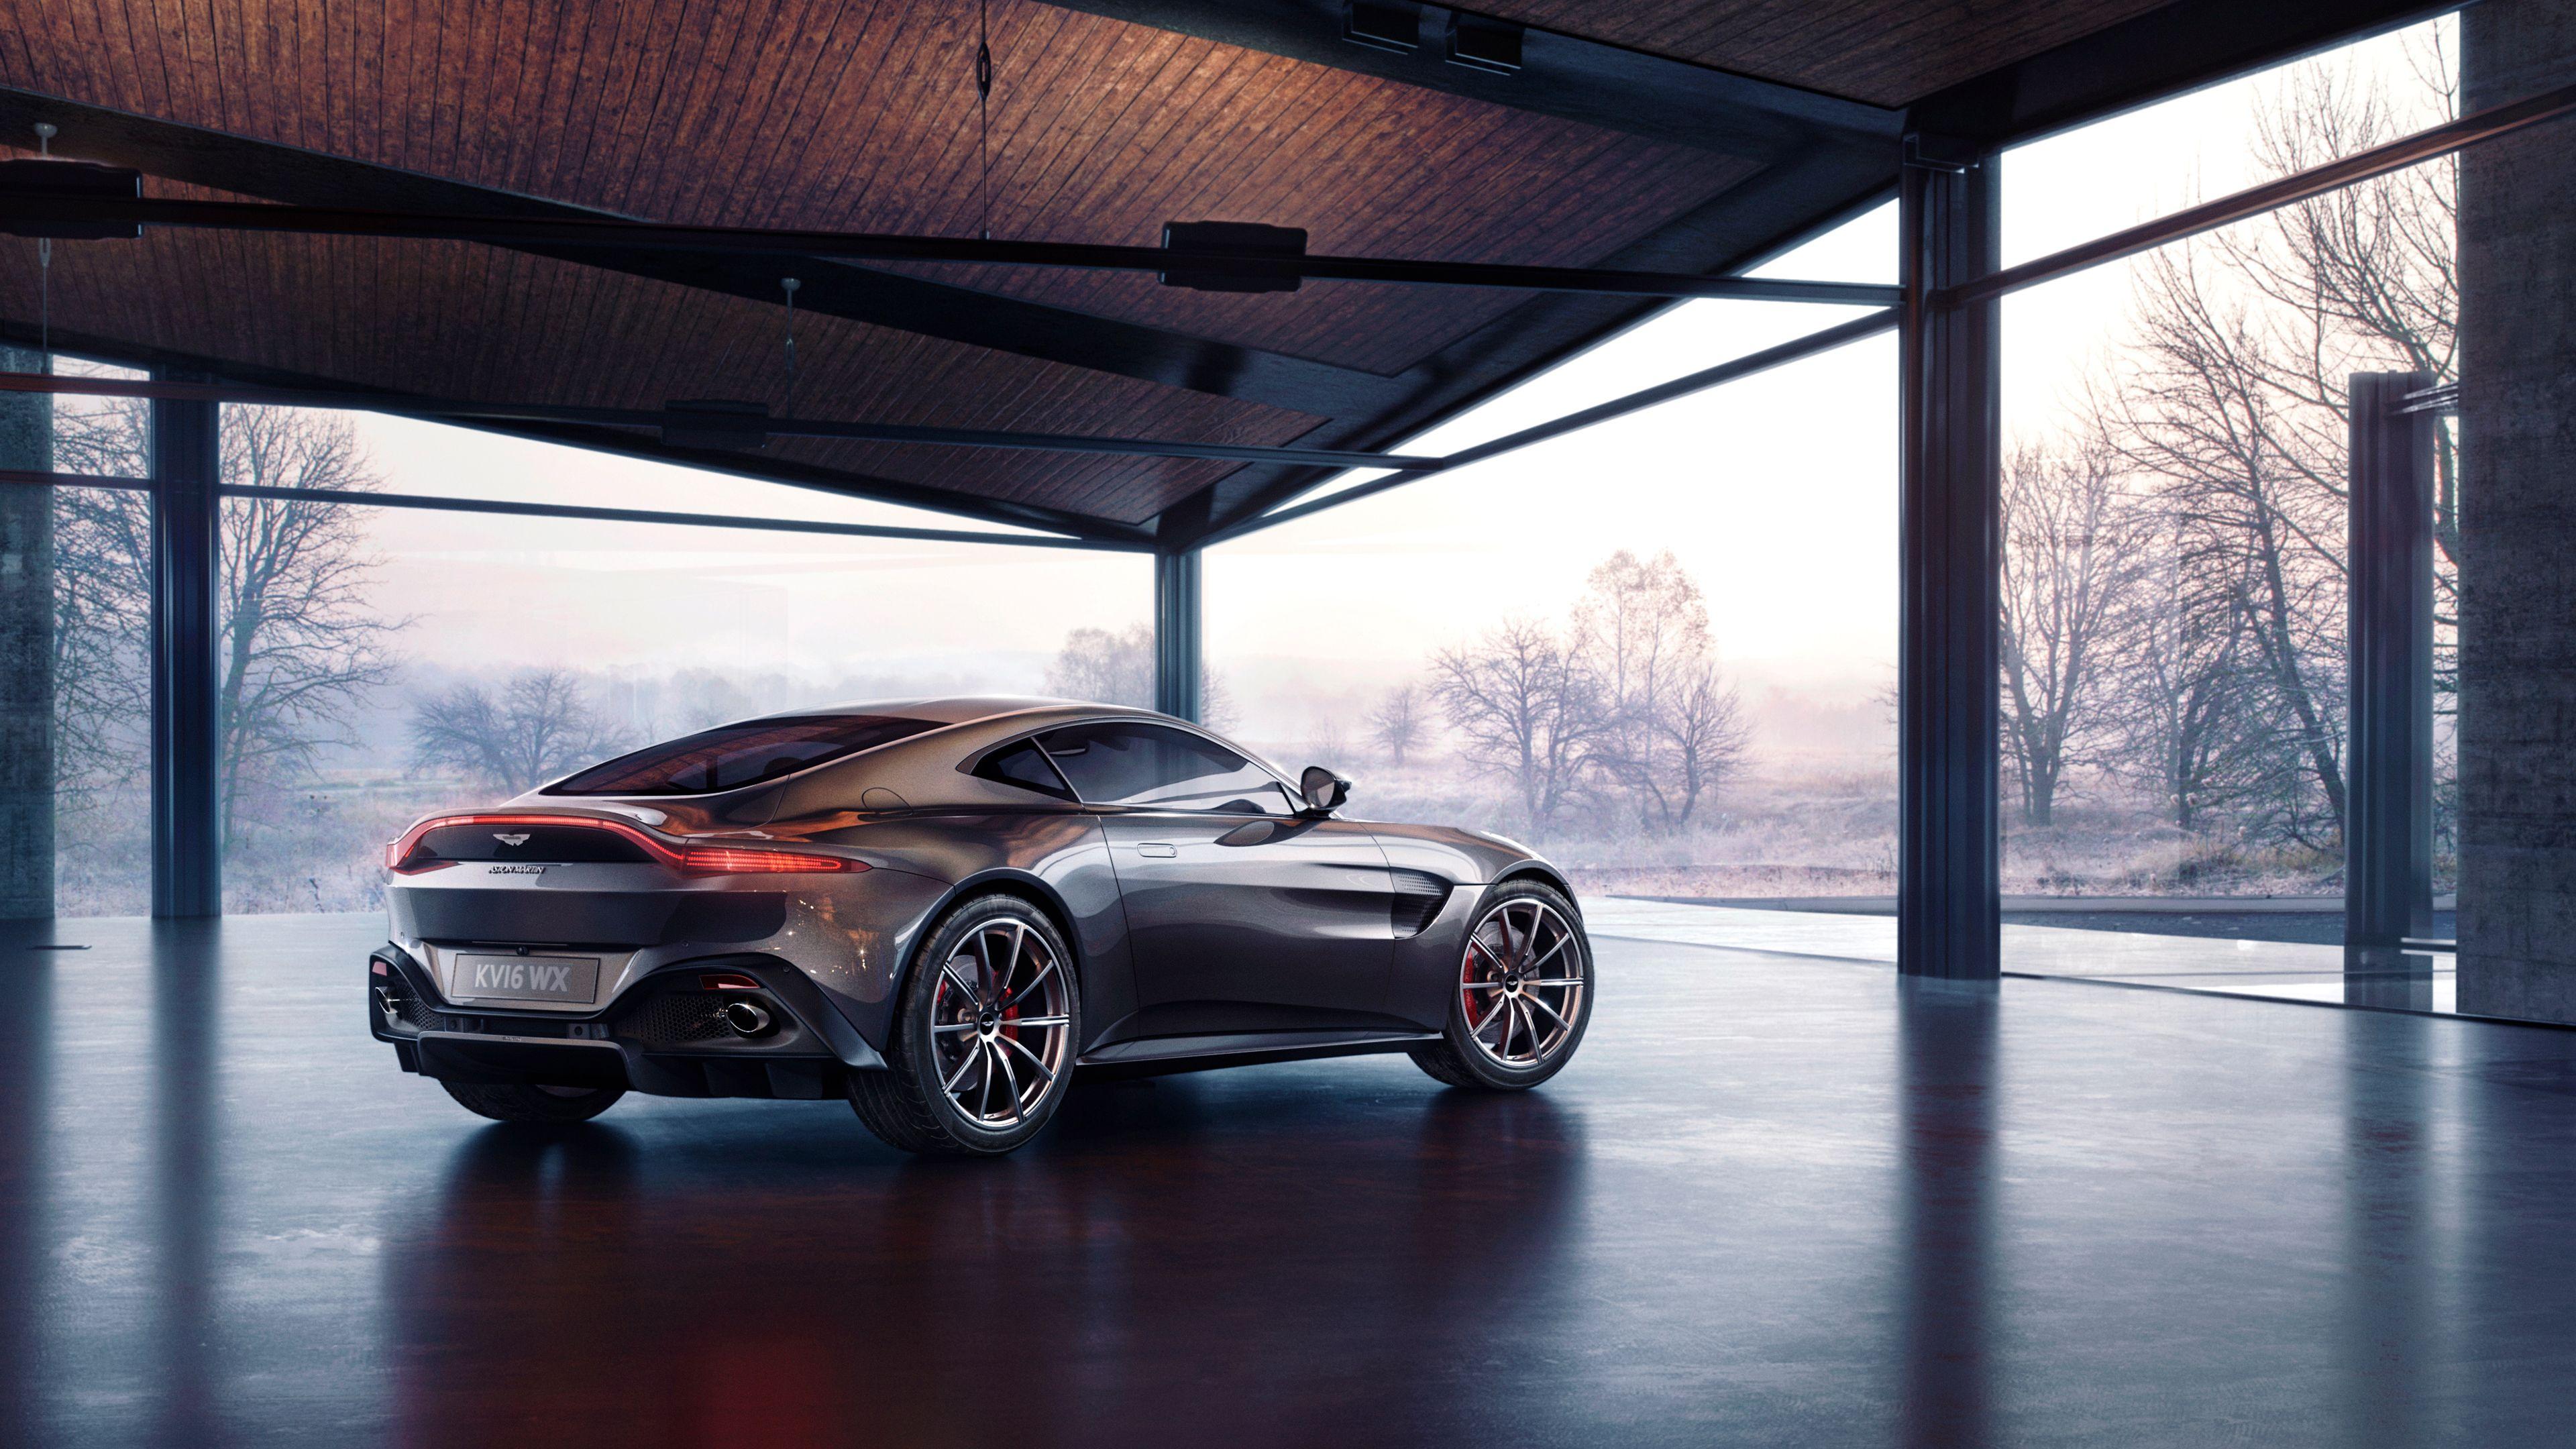 Aston Martin Vantage Rear Hd Wallpapers Behance Wallpapers Aston Martin Wallpapers Aston Martin Vantage Wallpapers In 2020 Aston Martin Vantage Aston Martin Aston